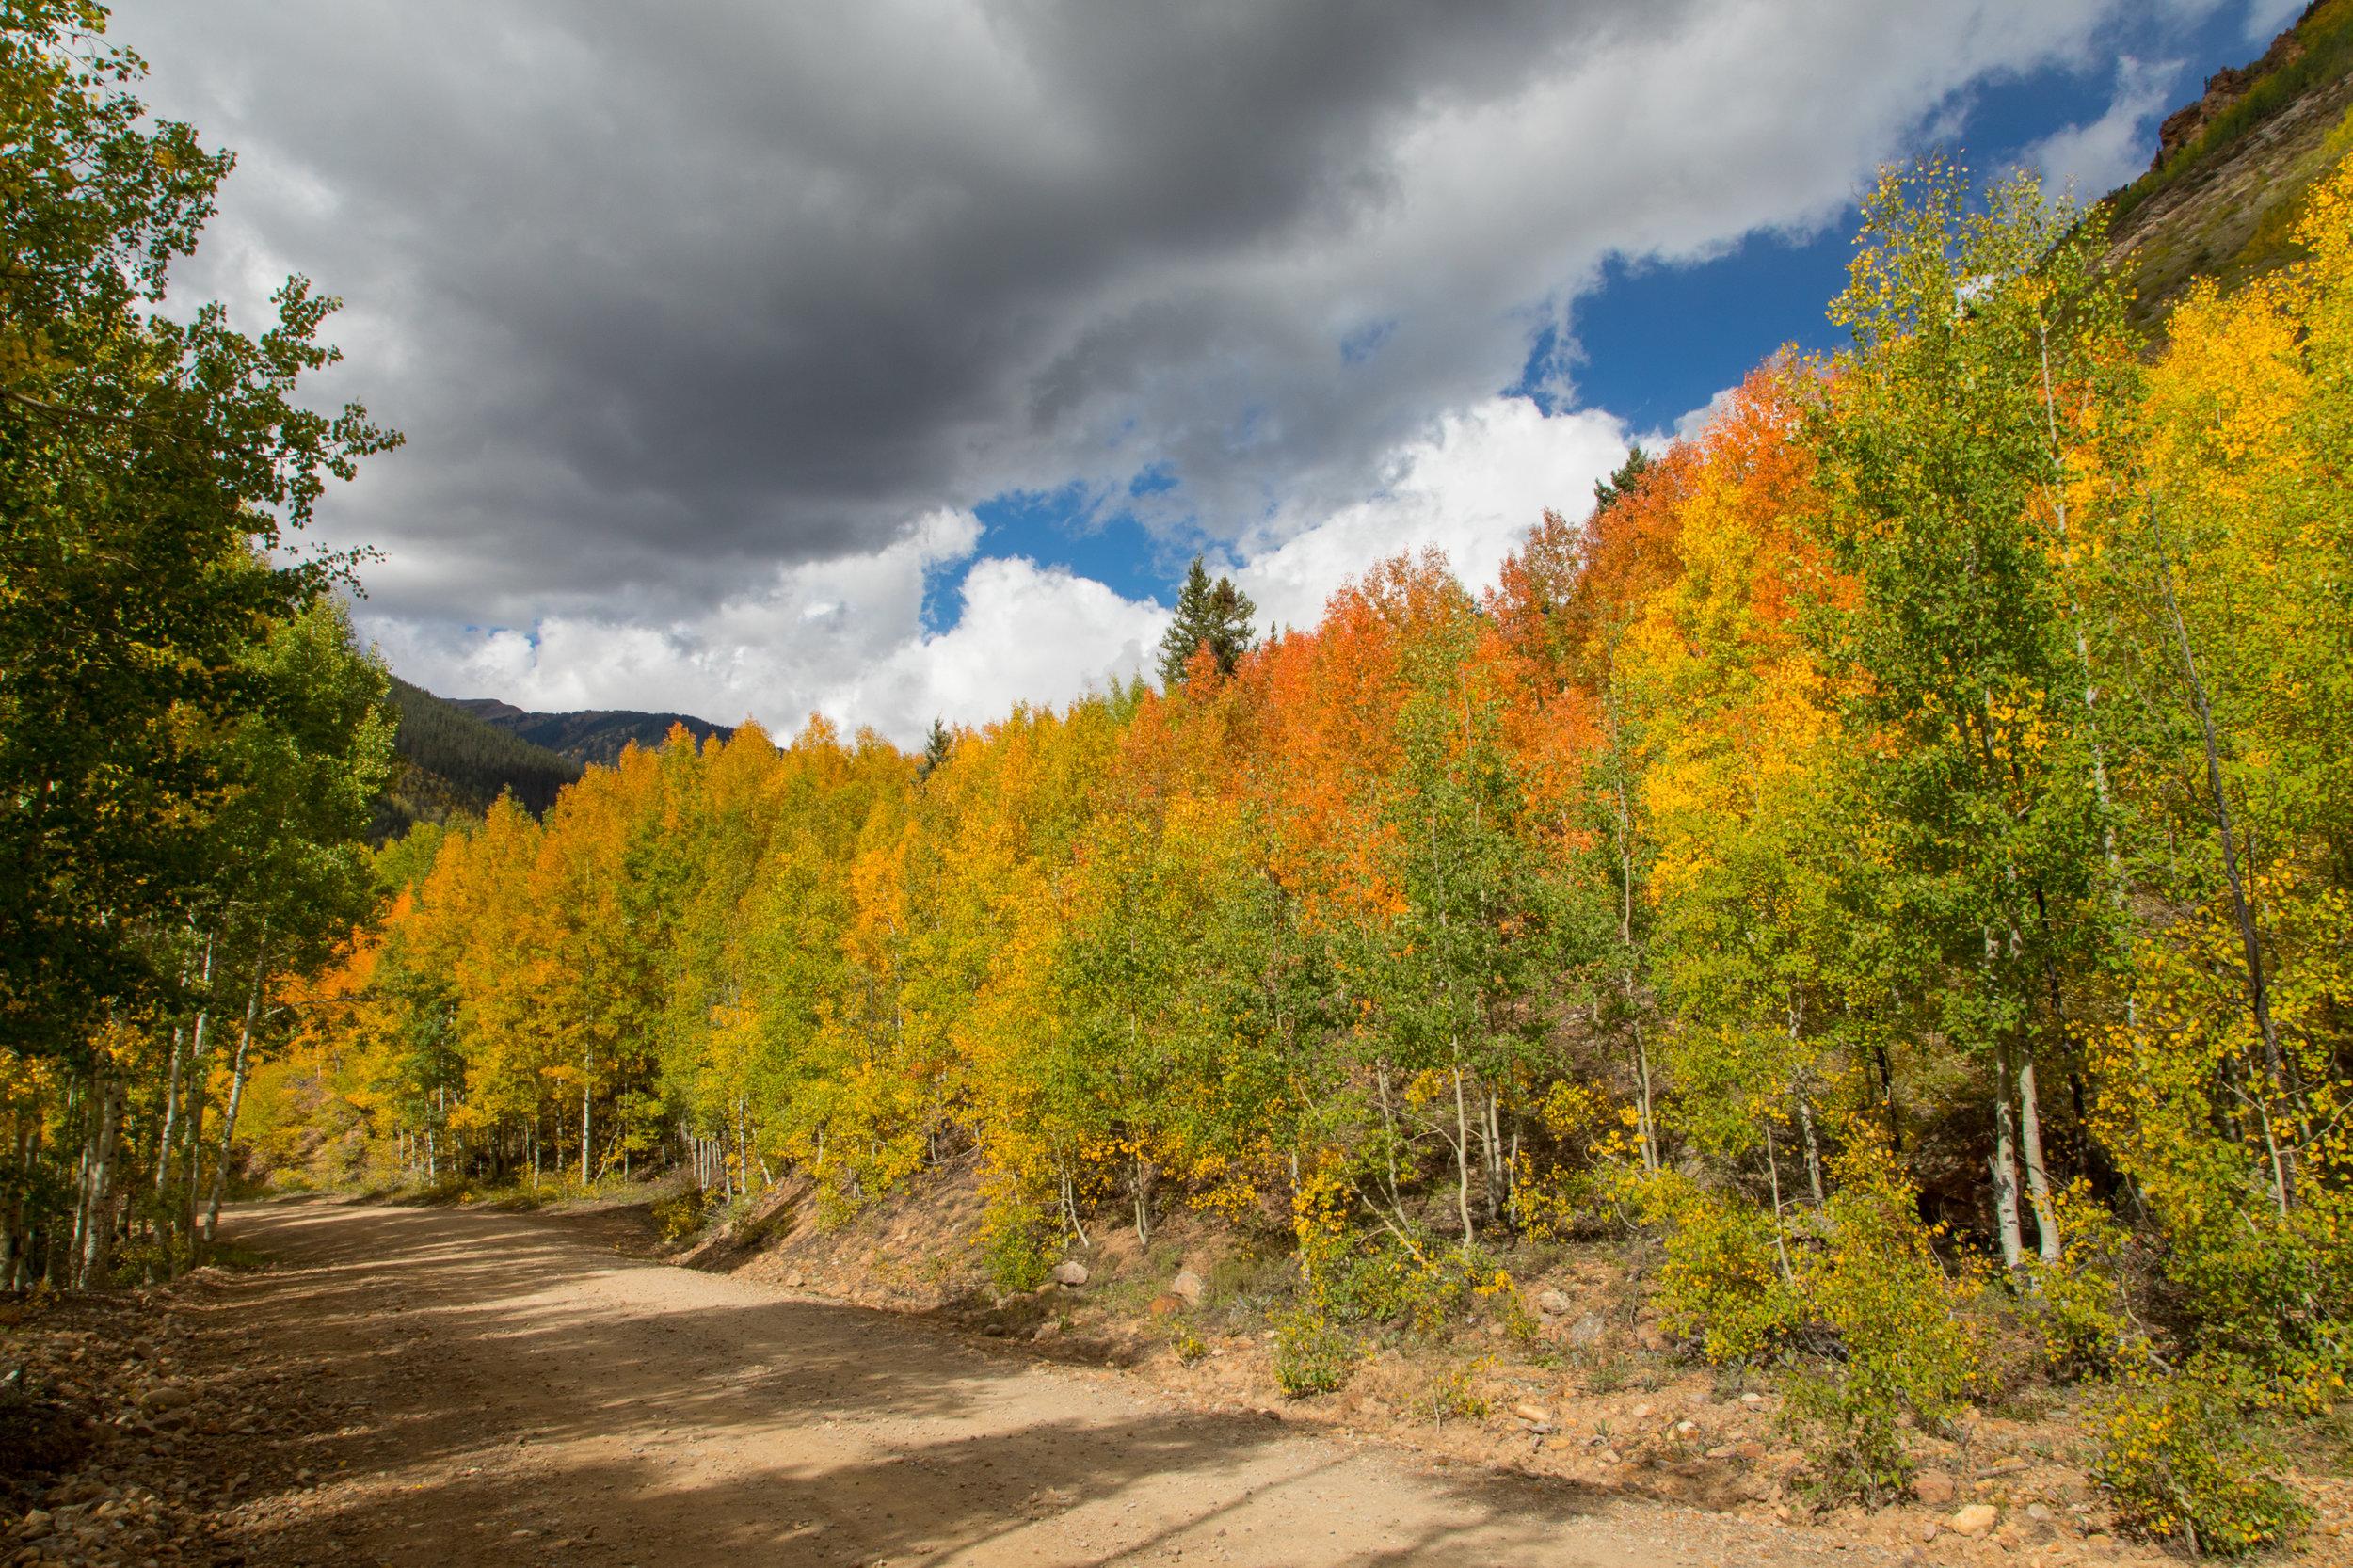 Silverton, Colorado, Image # 9716